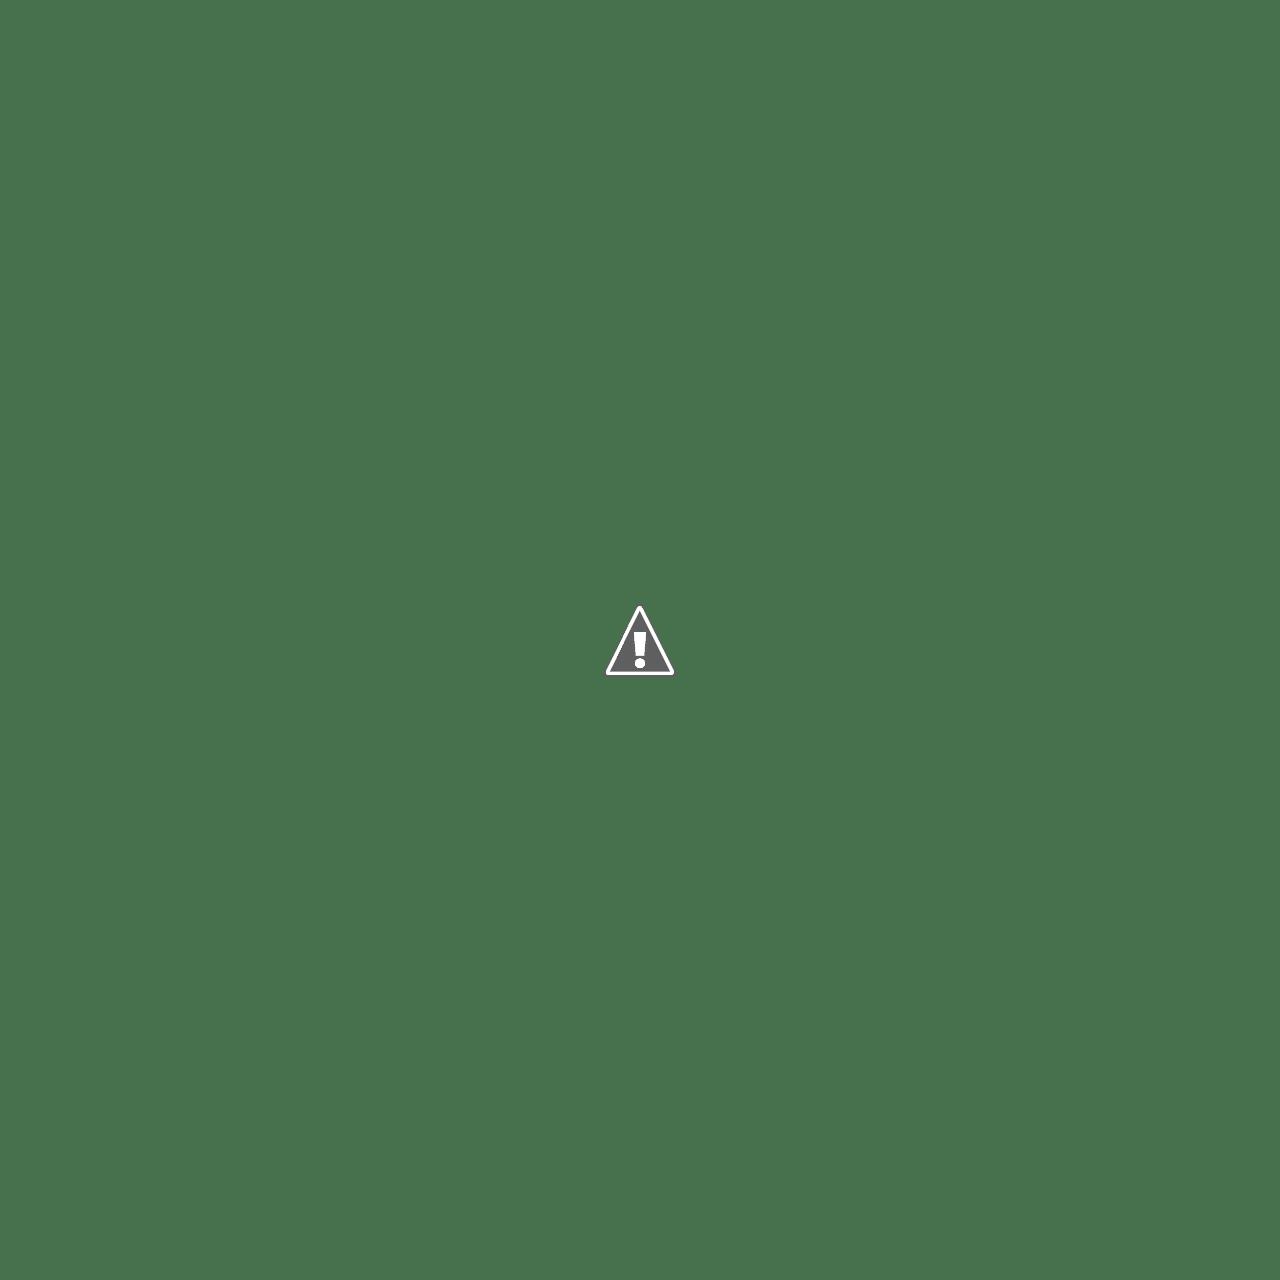 Cửa hàng xe máy Xe39.com - Chuyên Mua & Bán xe 2 bánh: xe máy ,tay ga, xe số ,mô tô, nhật, trung quốc ... lh 0941.251.251 Duy Tuệ